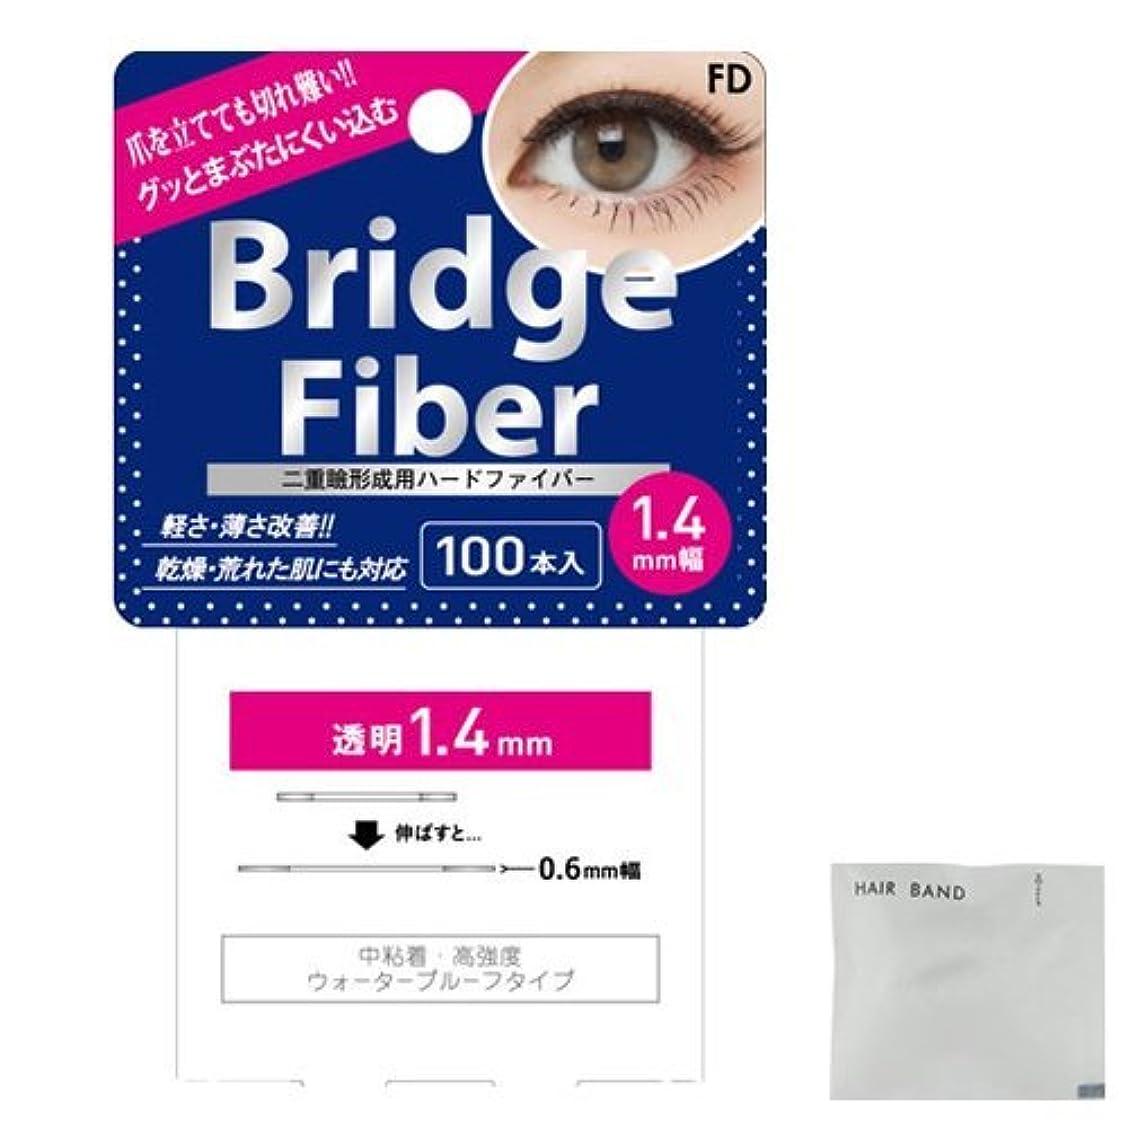 幸運な幾分インタビューFD ブリッジファイバーⅡ (Bridge Fiber) クリア1.4mm + ヘアゴム(カラーはおまかせ)セット